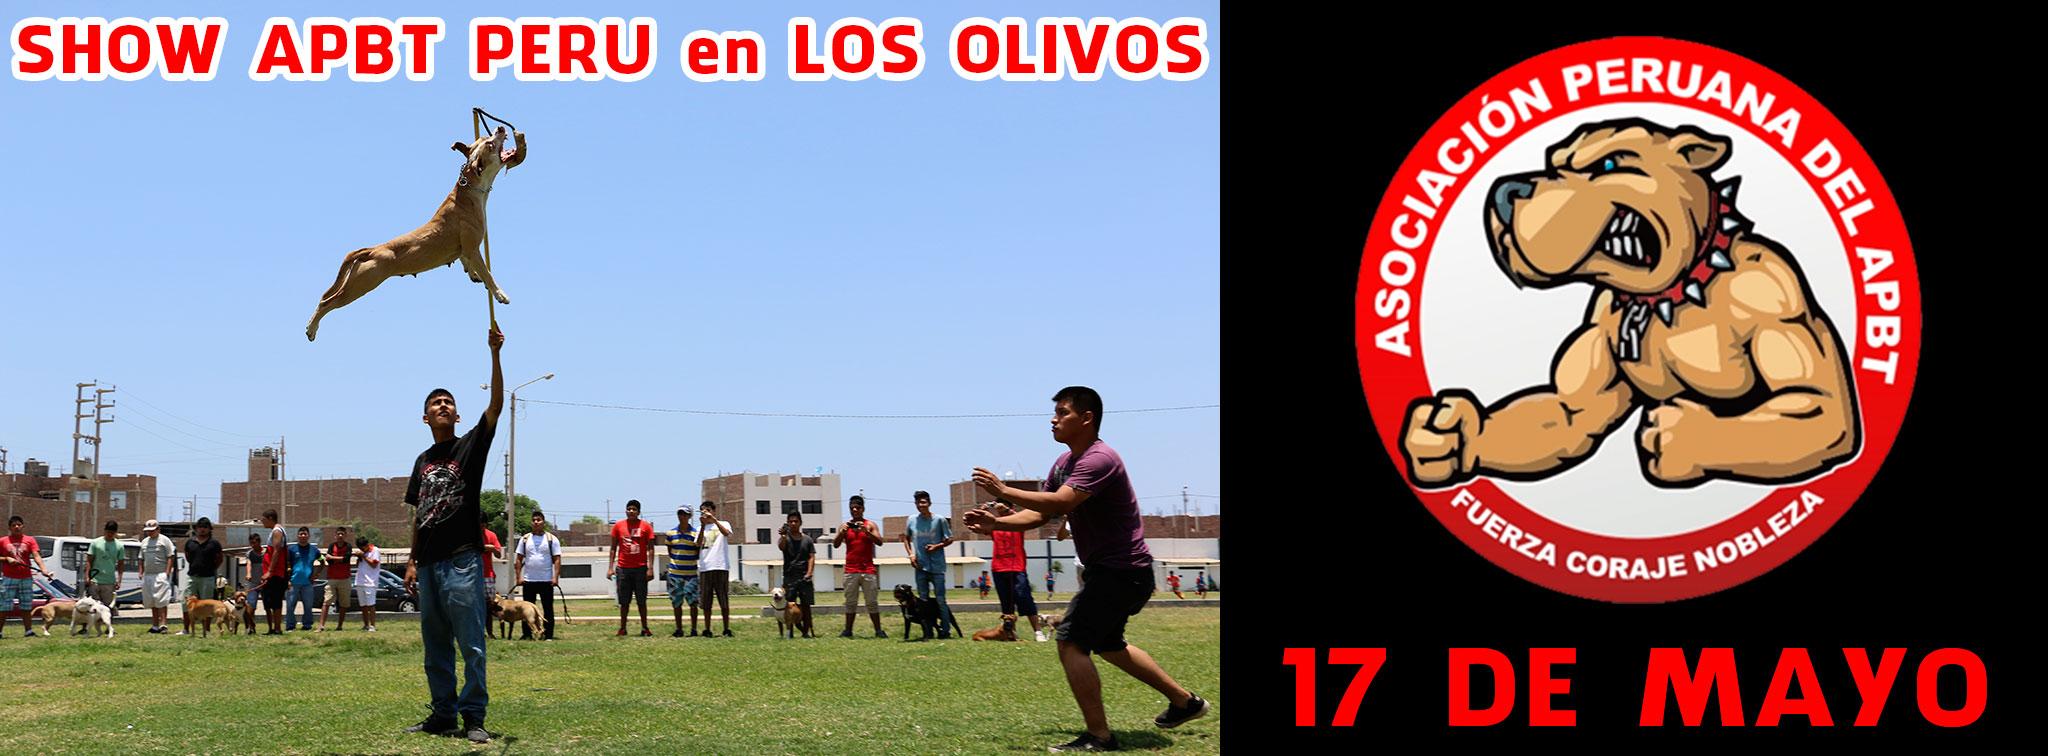 SHOW APBT PERU en LOS OLIVOS – 17 de Mayo